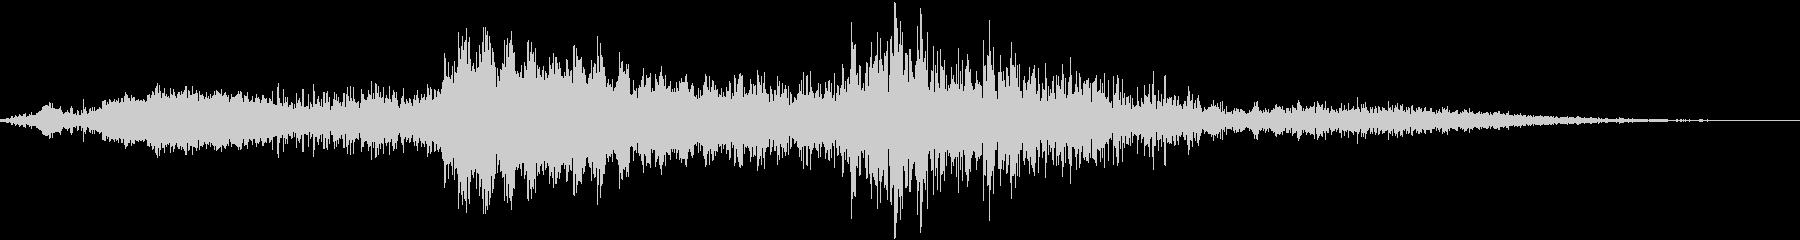 ヒュンヒュンヒュン、ポーン、ポーンの未再生の波形